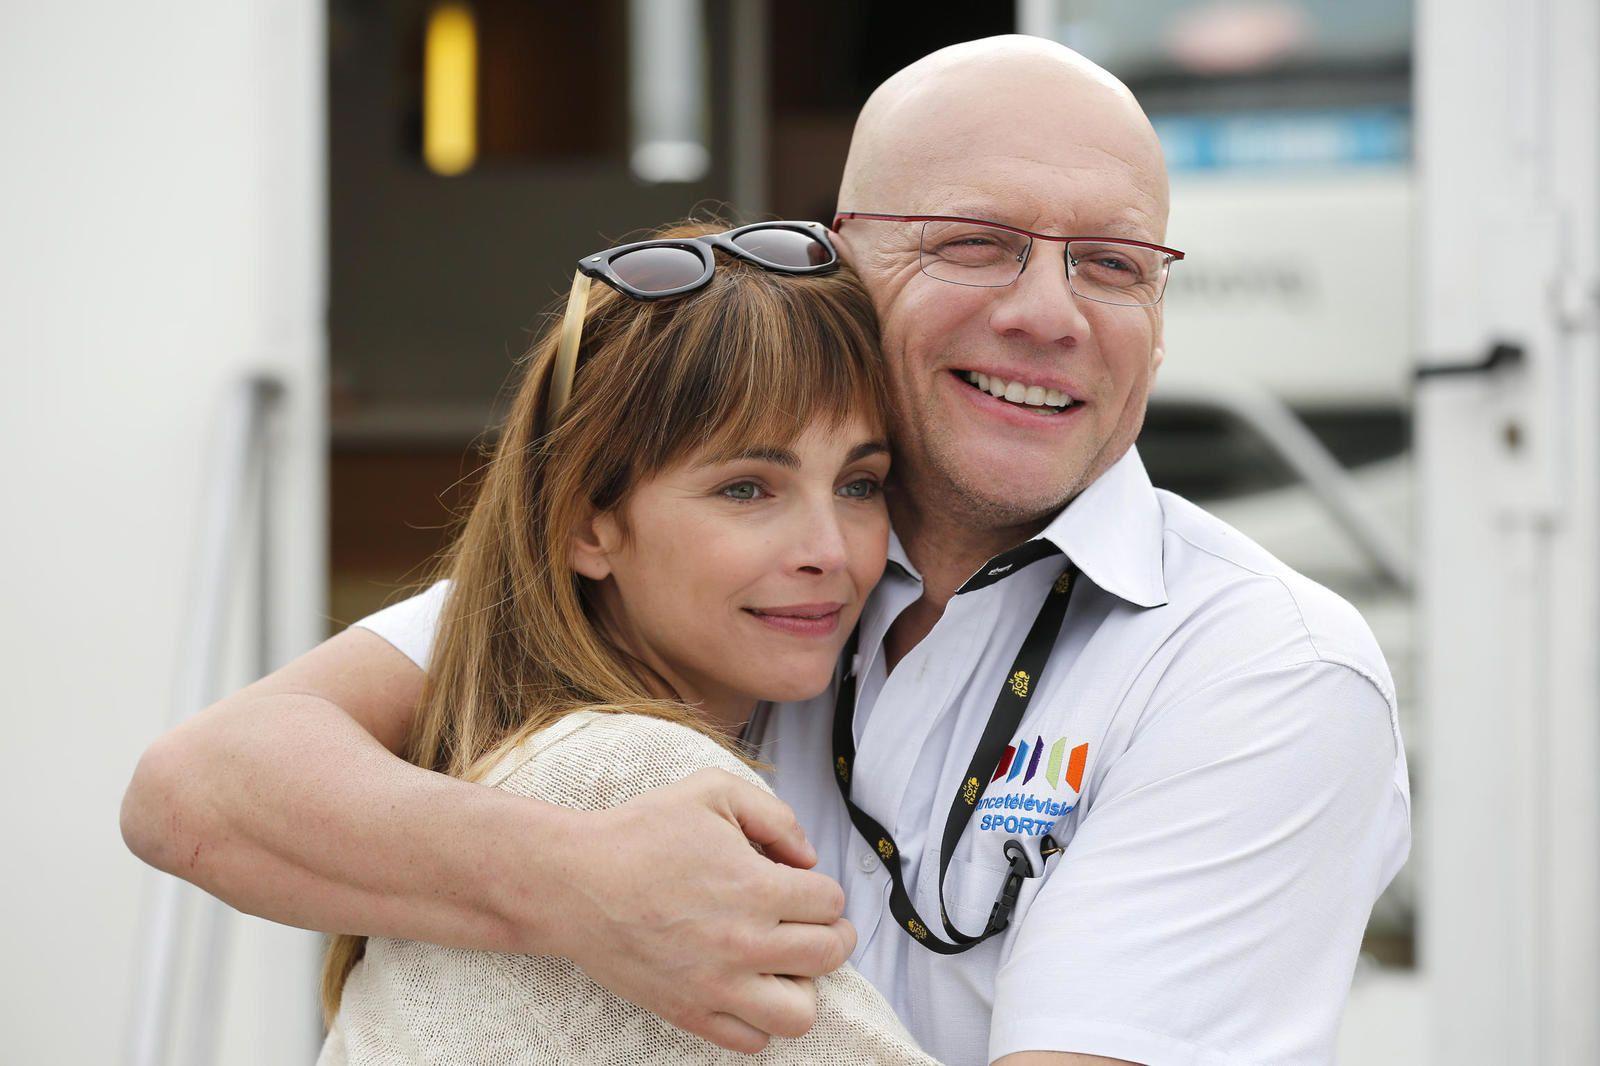 Le téléfilm inédit « La dernière échappée » sur Fignon le 2 juillet sur France 2